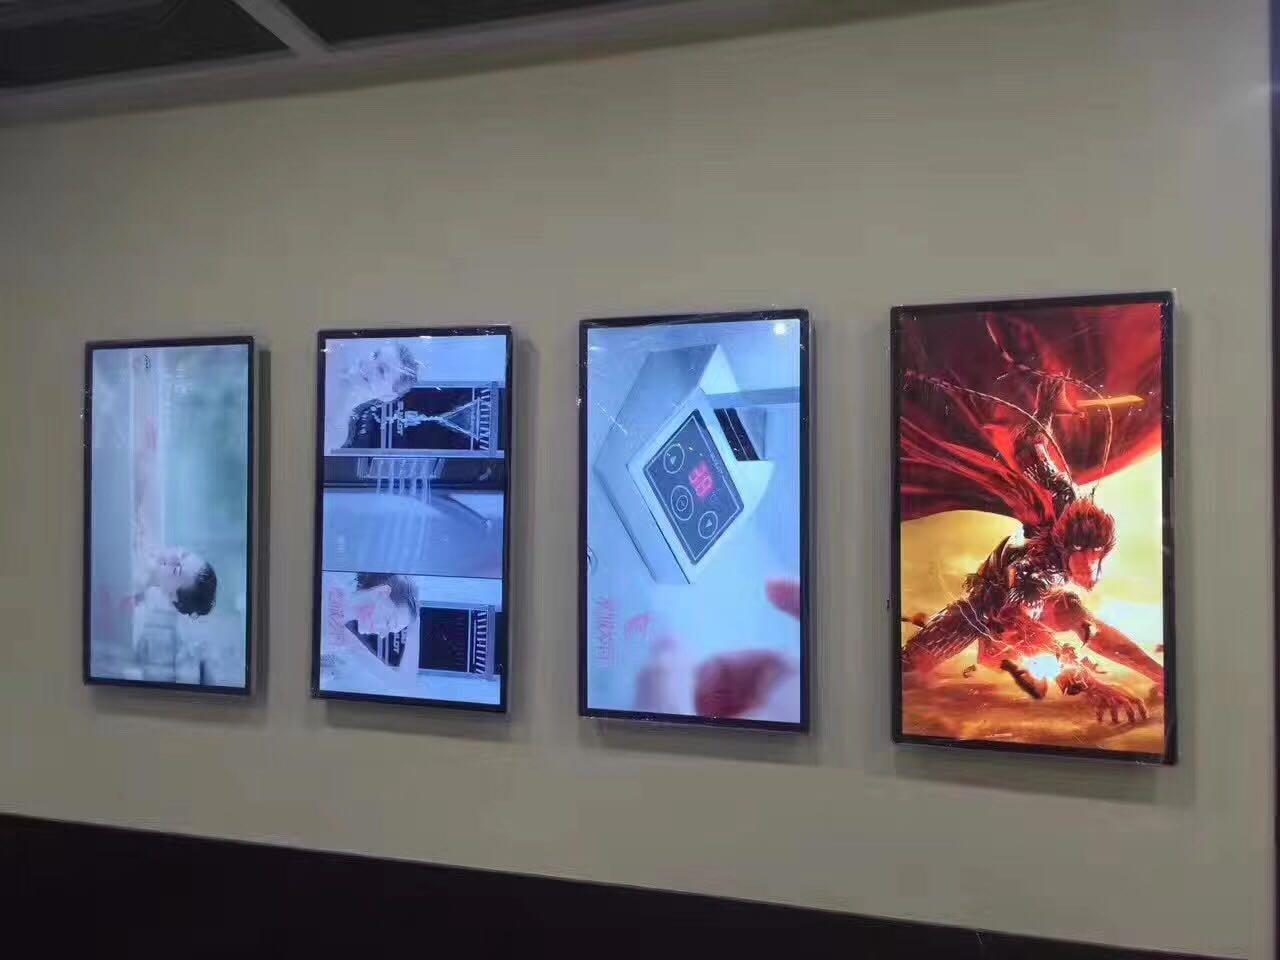 液晶广告机在数字展厅中的解决方案